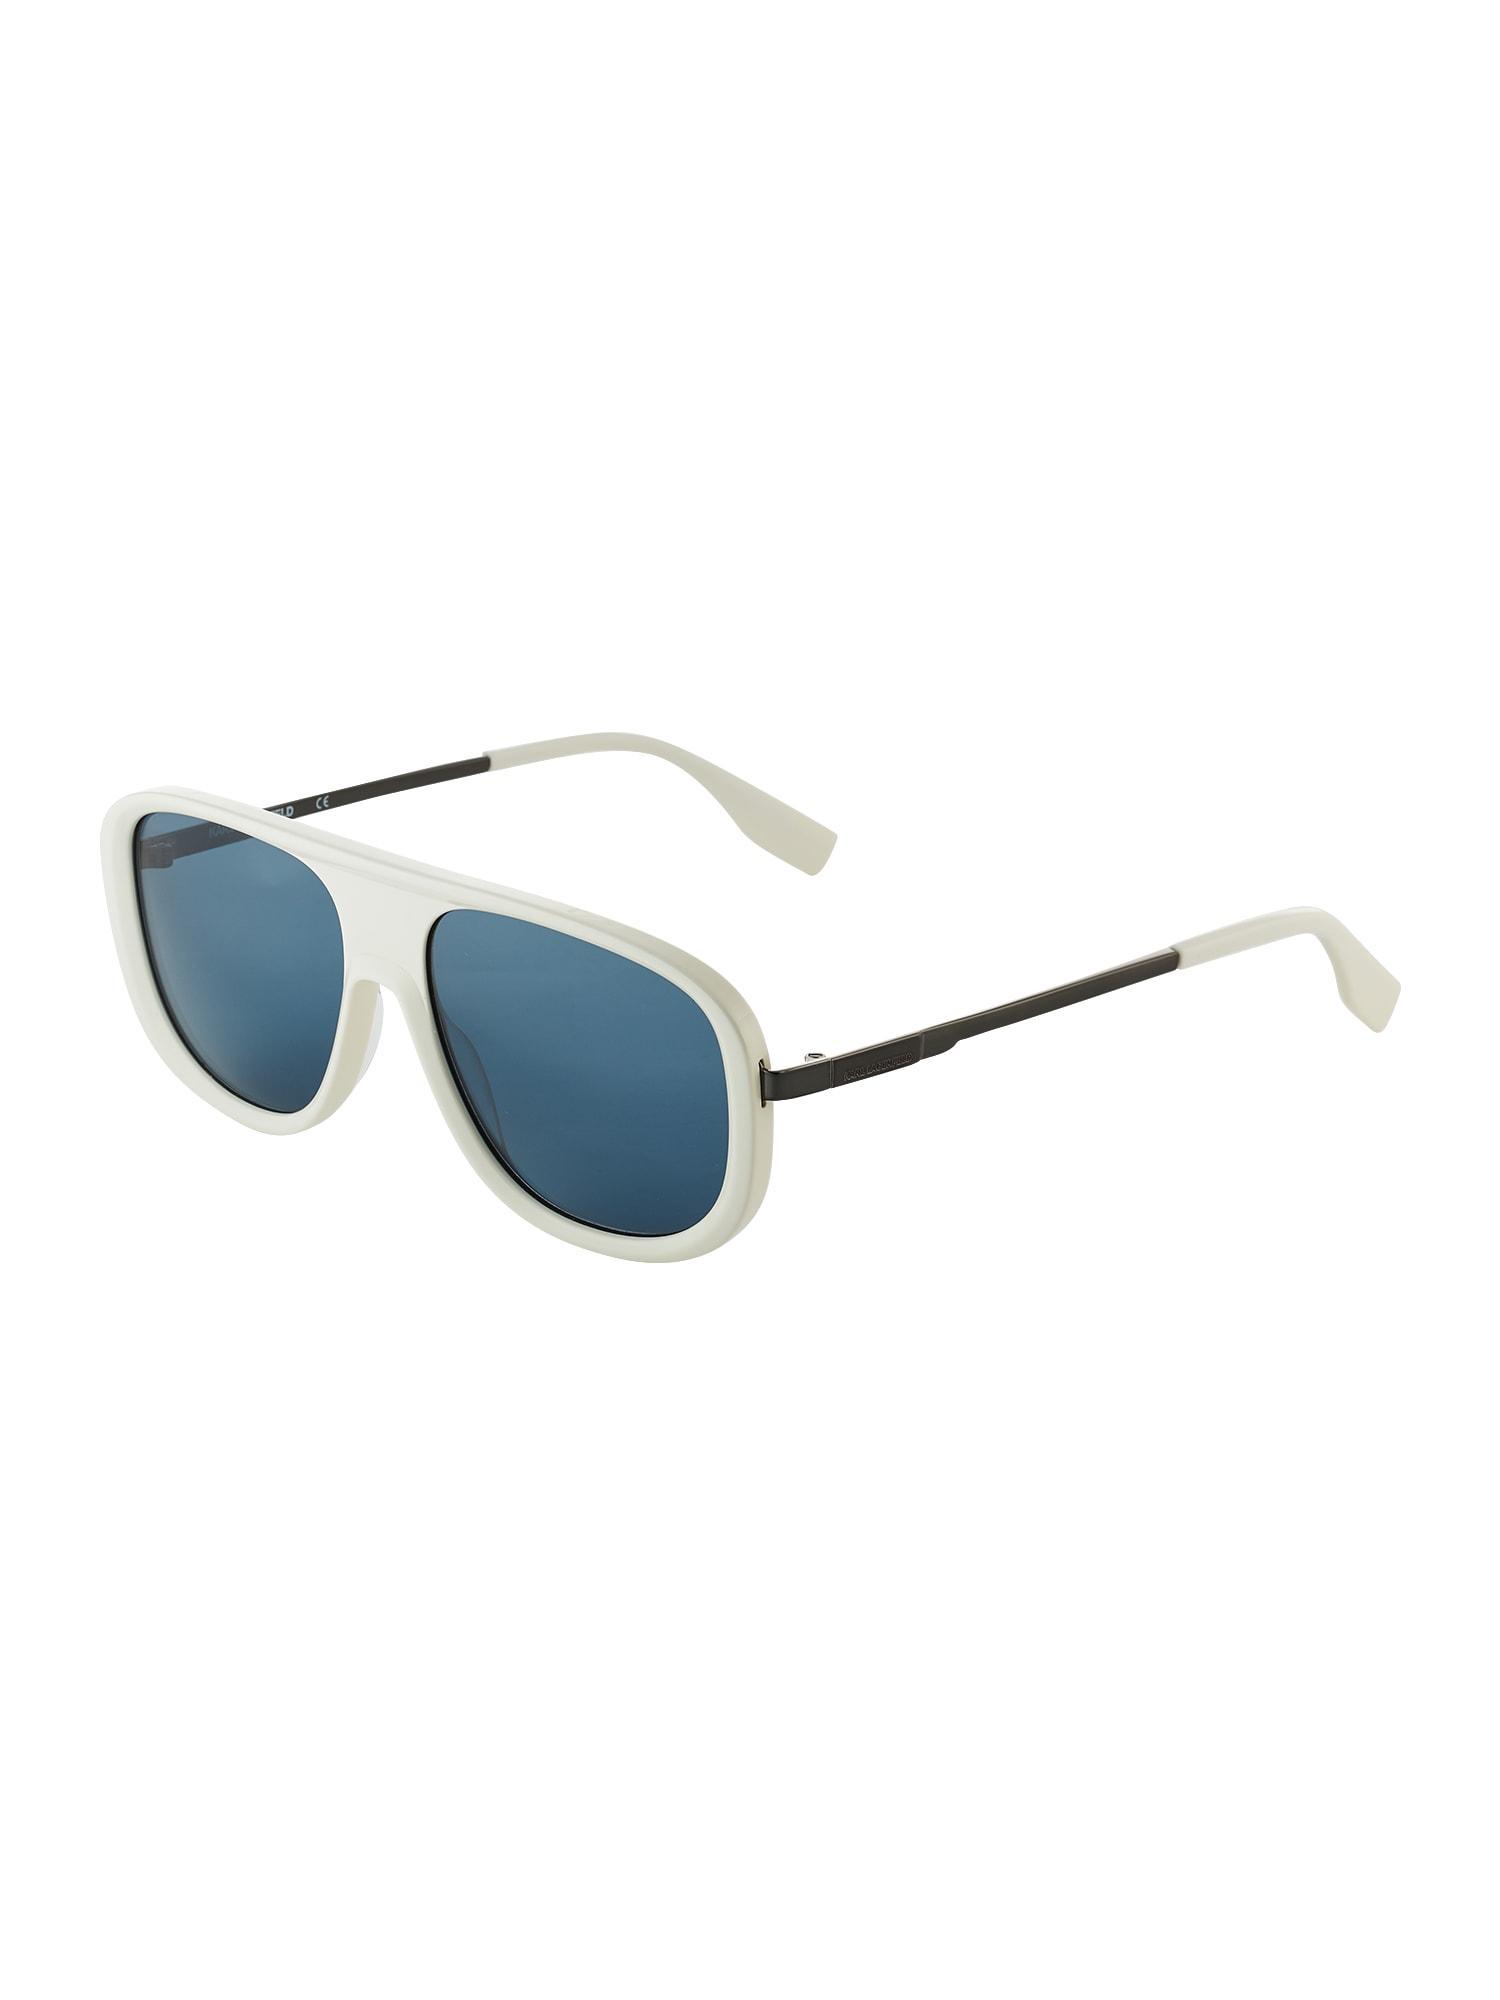 Karl Lagerfeld Sonnenbrille 'KL6032S' weiß / himmelblau